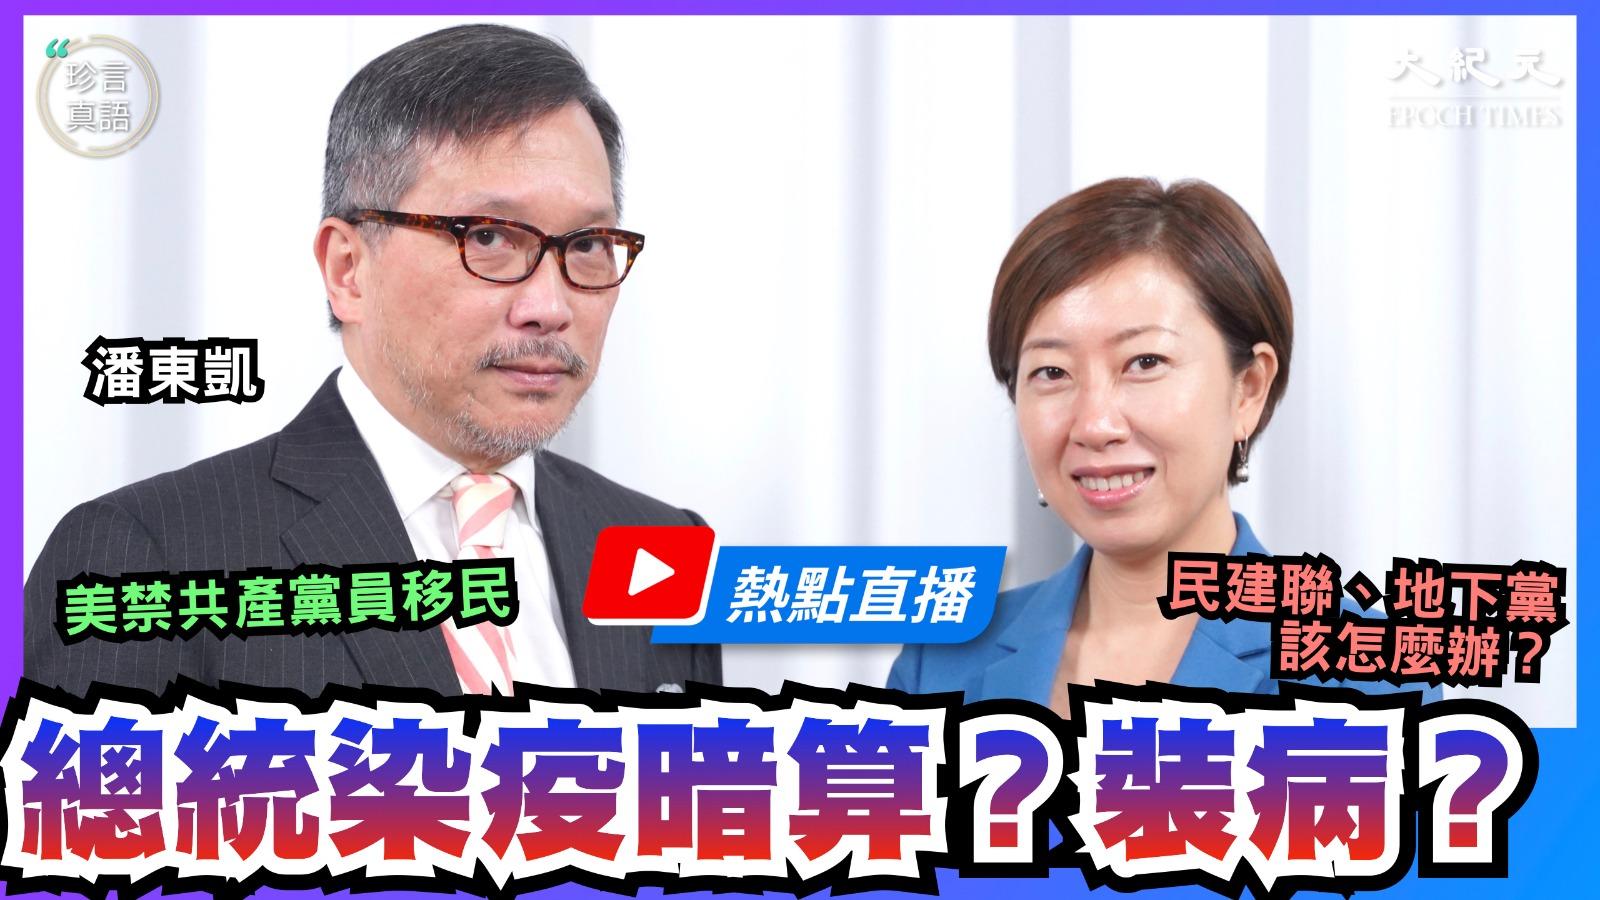 【珍言真語】潘東凱:主流媒體反特朗普 誤導民眾